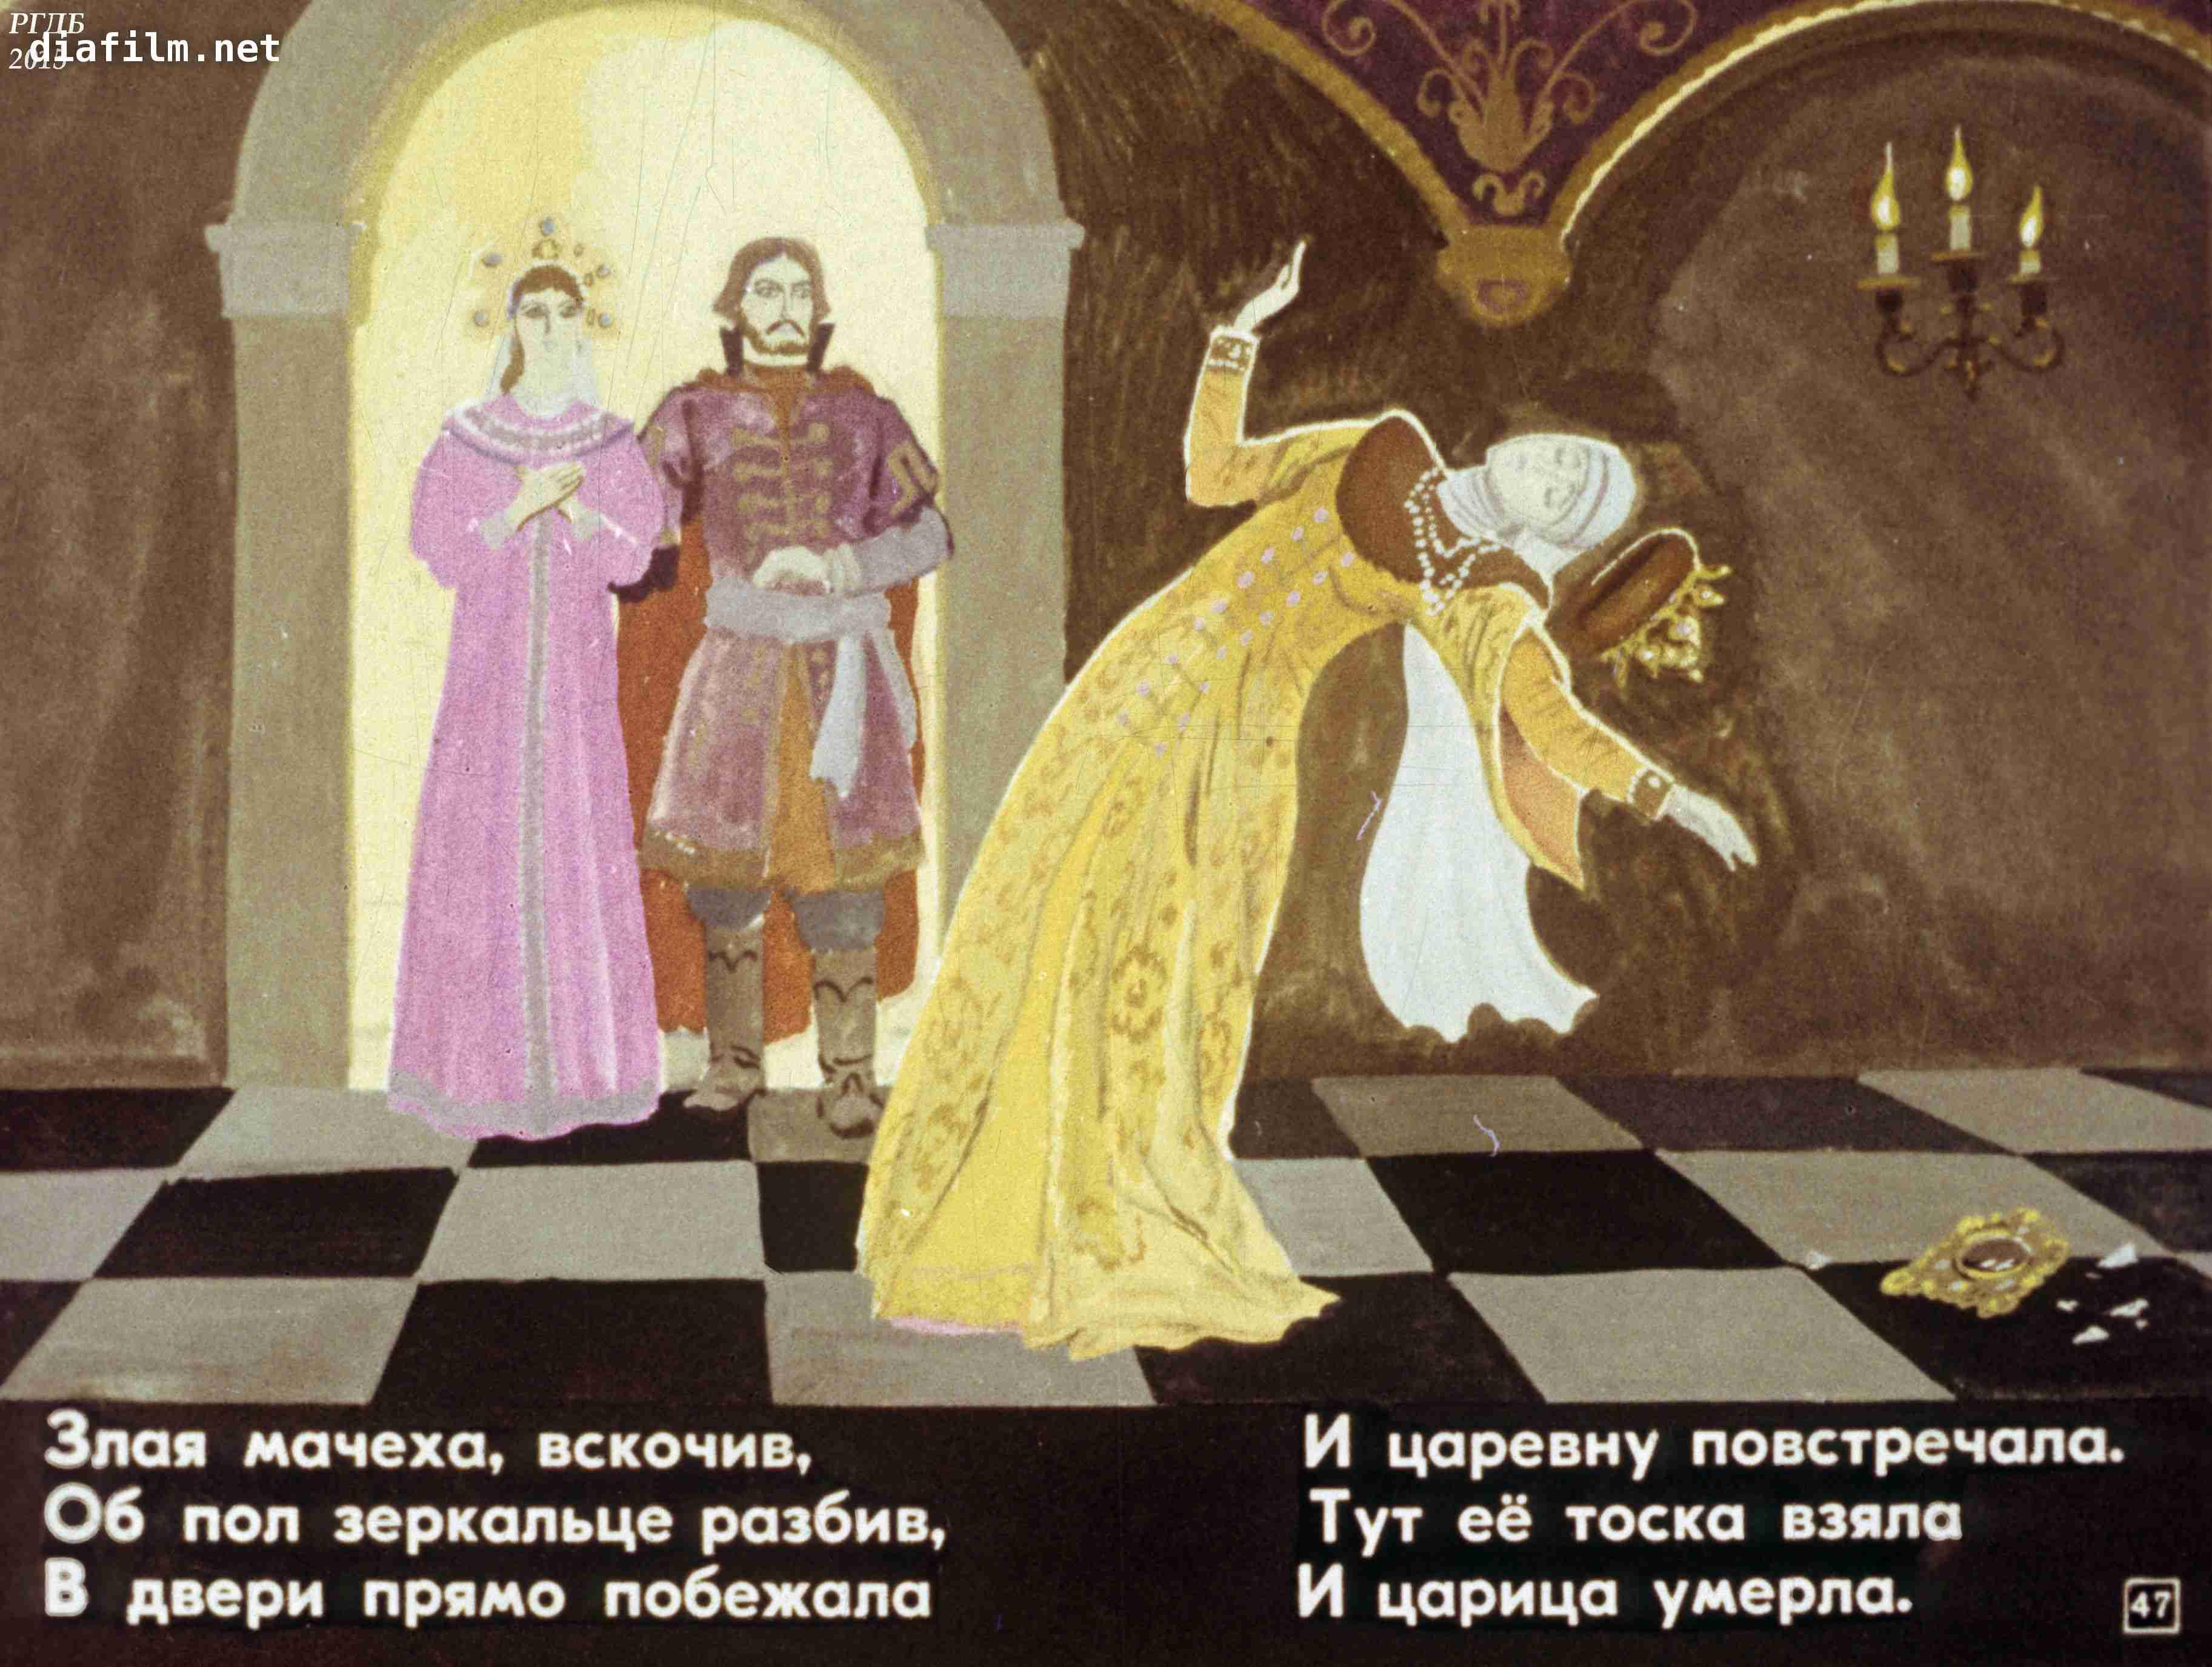 СКАЗКА О МЕРТВОЙ ЦАРЕВНЕ И О СЕМИ БОГАТЫРЯХ FB2 СКАЧАТЬ БЕСПЛАТНО